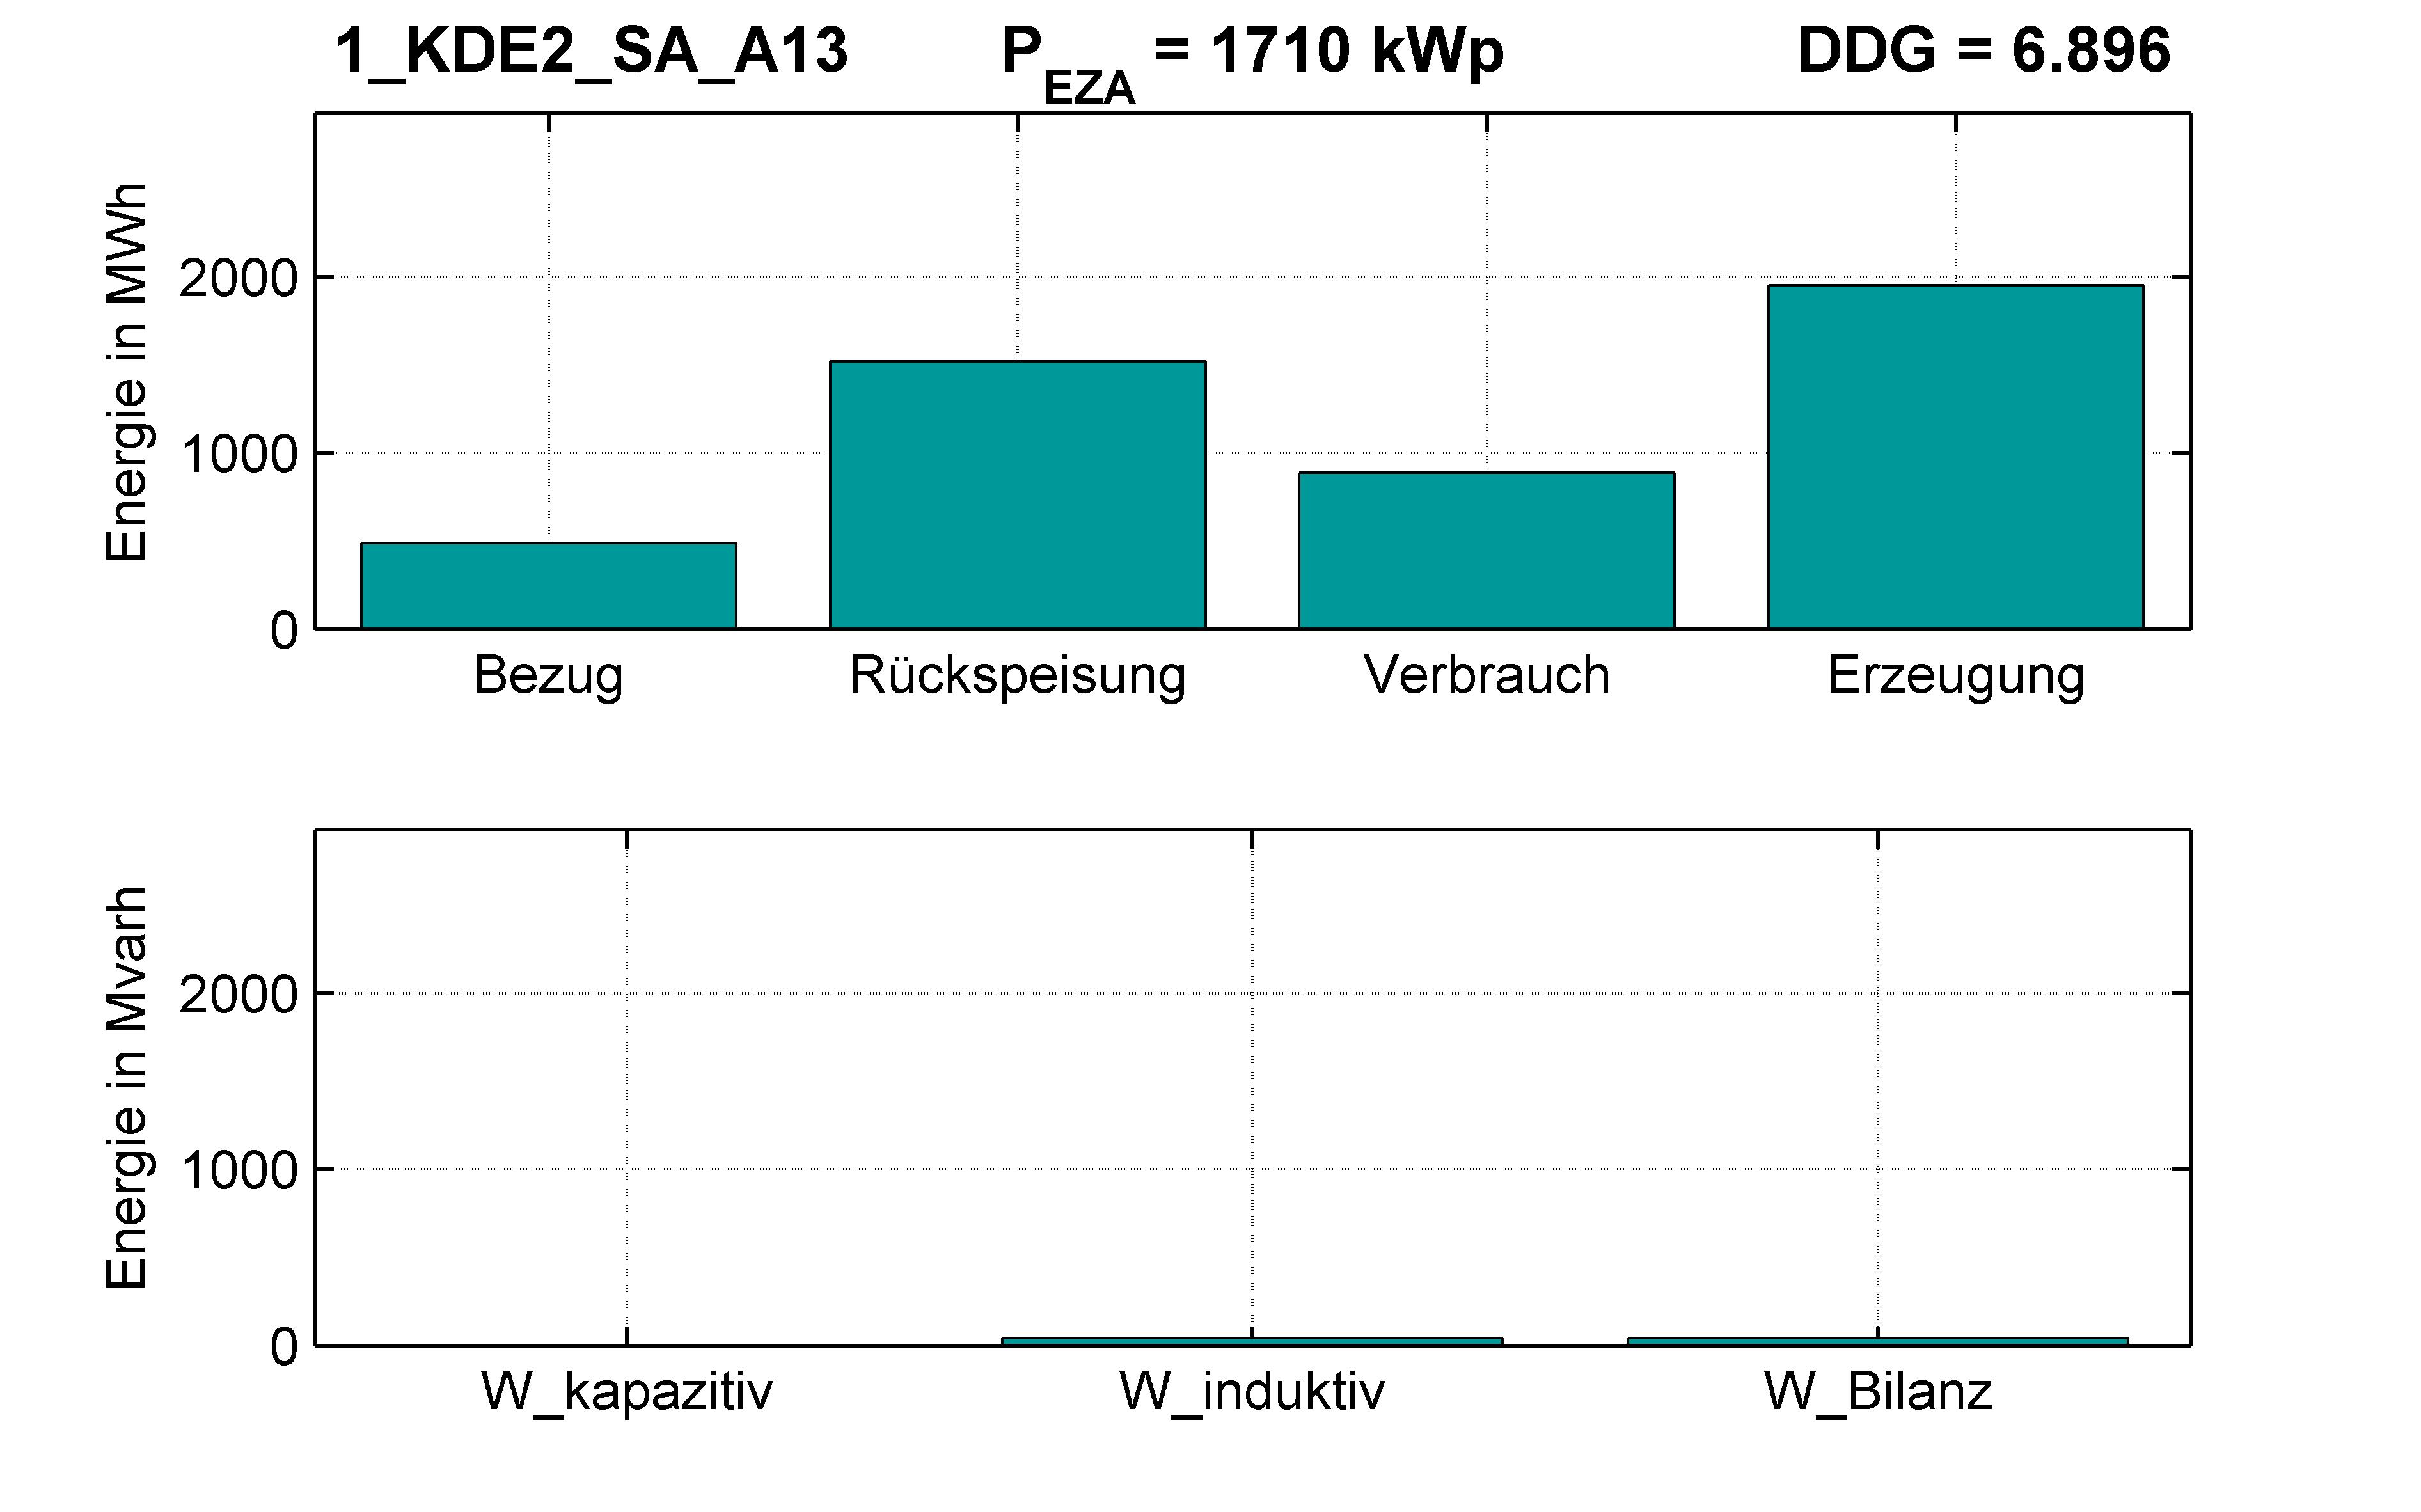 KDE2 | KABEL (SA) A13 | PQ-Bilanz